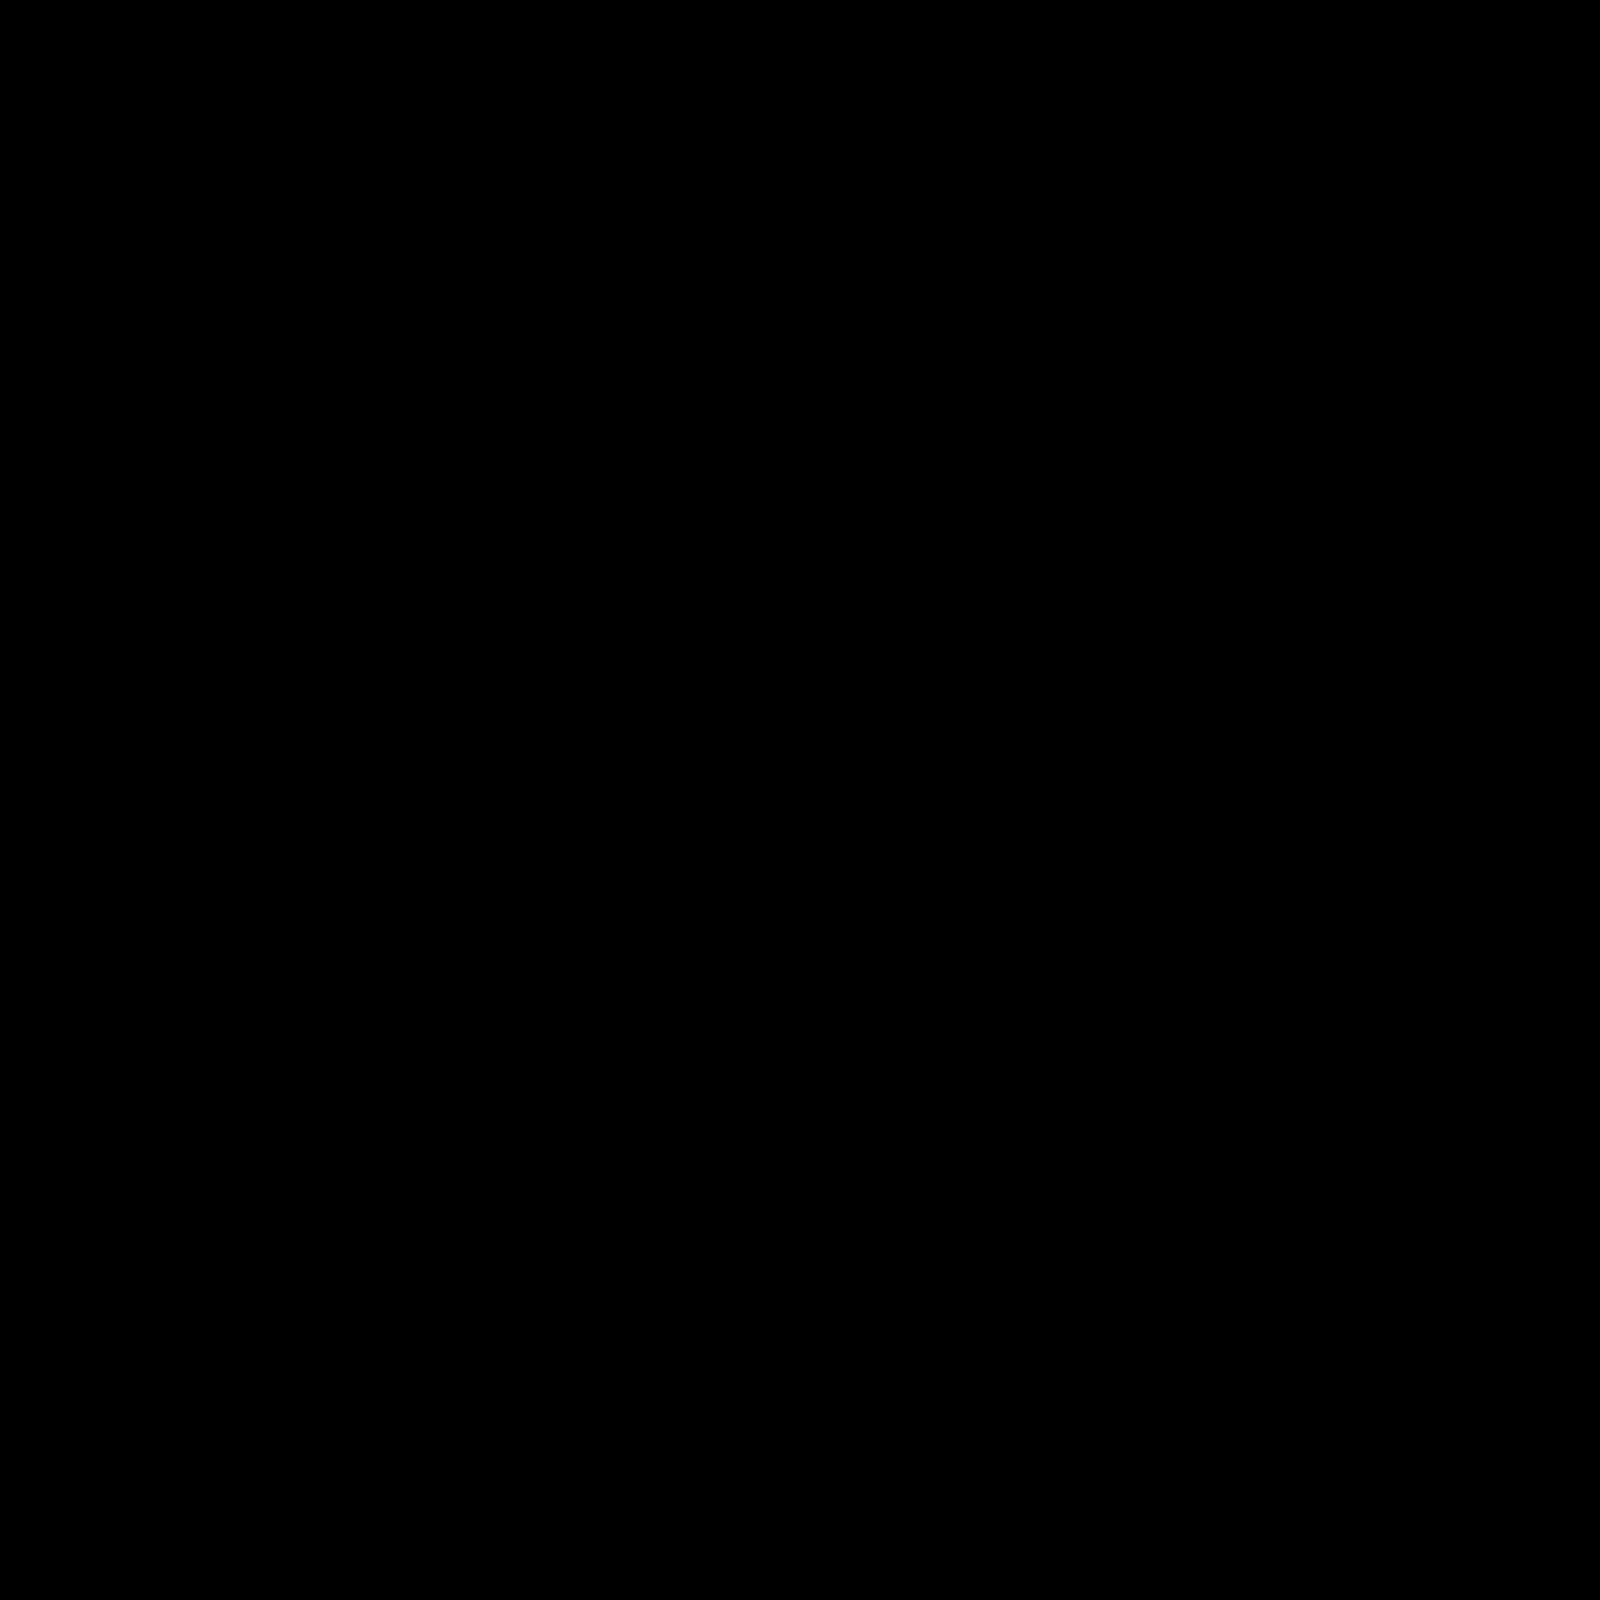 Głowa Cylonów icon